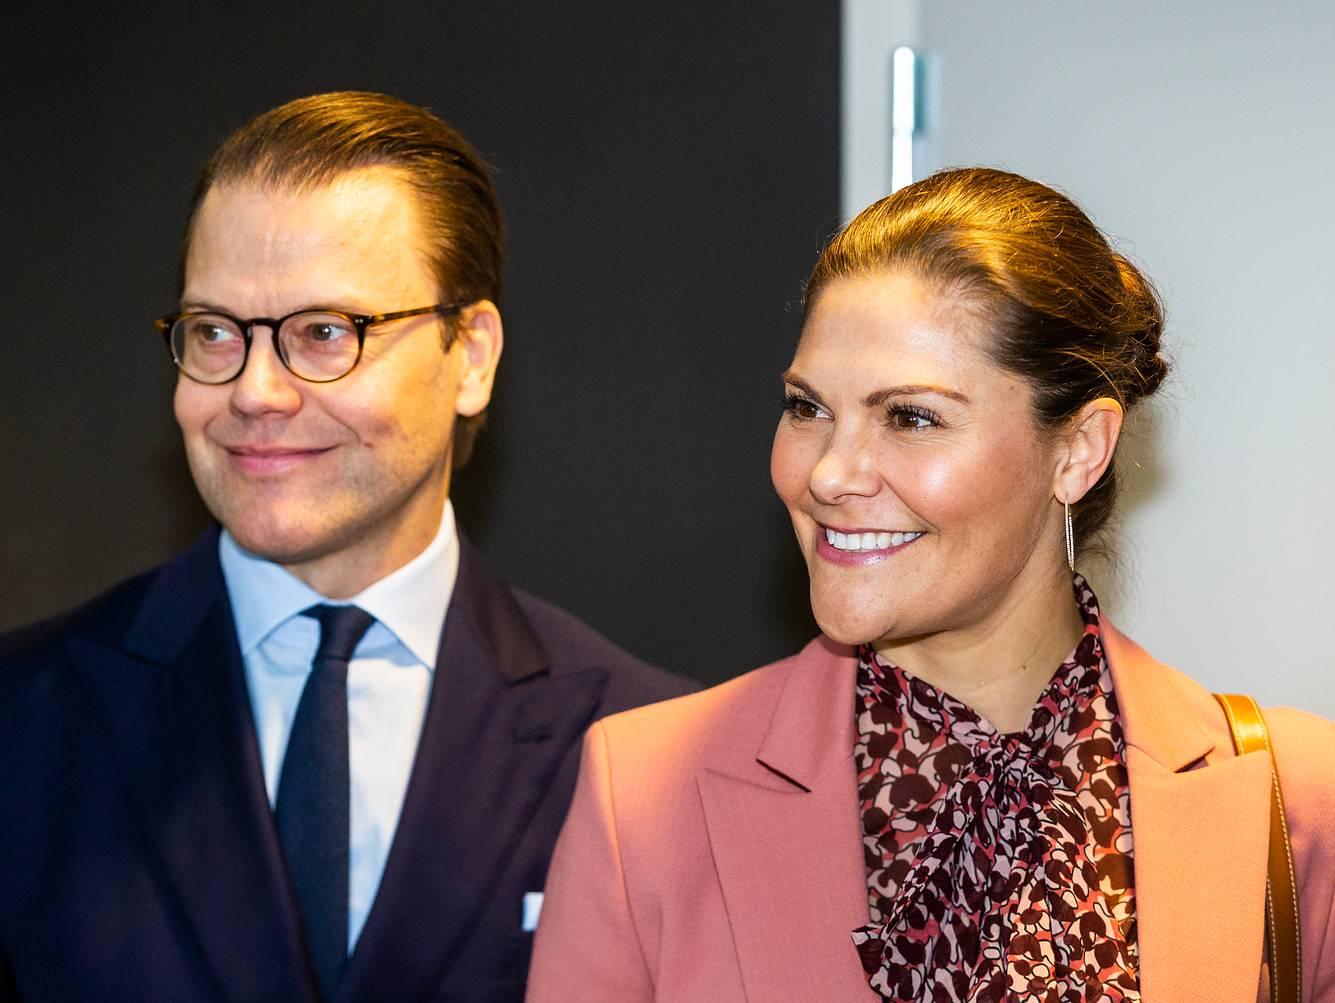 Prinzessin Victoria und ihr Mann Prinz Daniel bei einer Veranstaltung in Stockholm 2020.